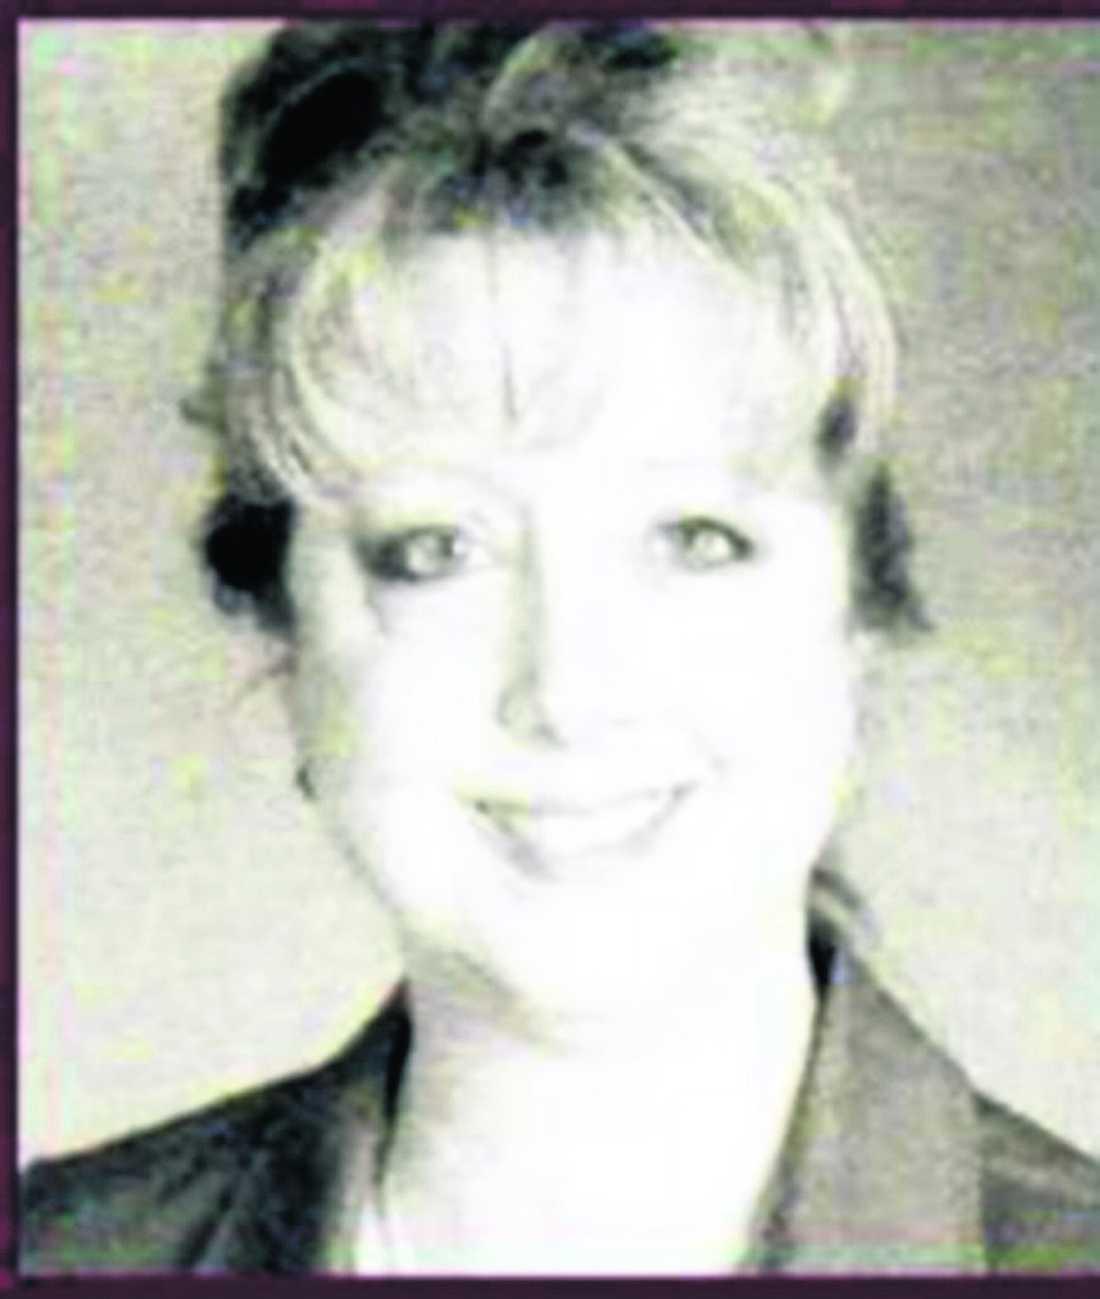 läraren Tamara Hofmann, 49, var förlovad med sin före detta elev.